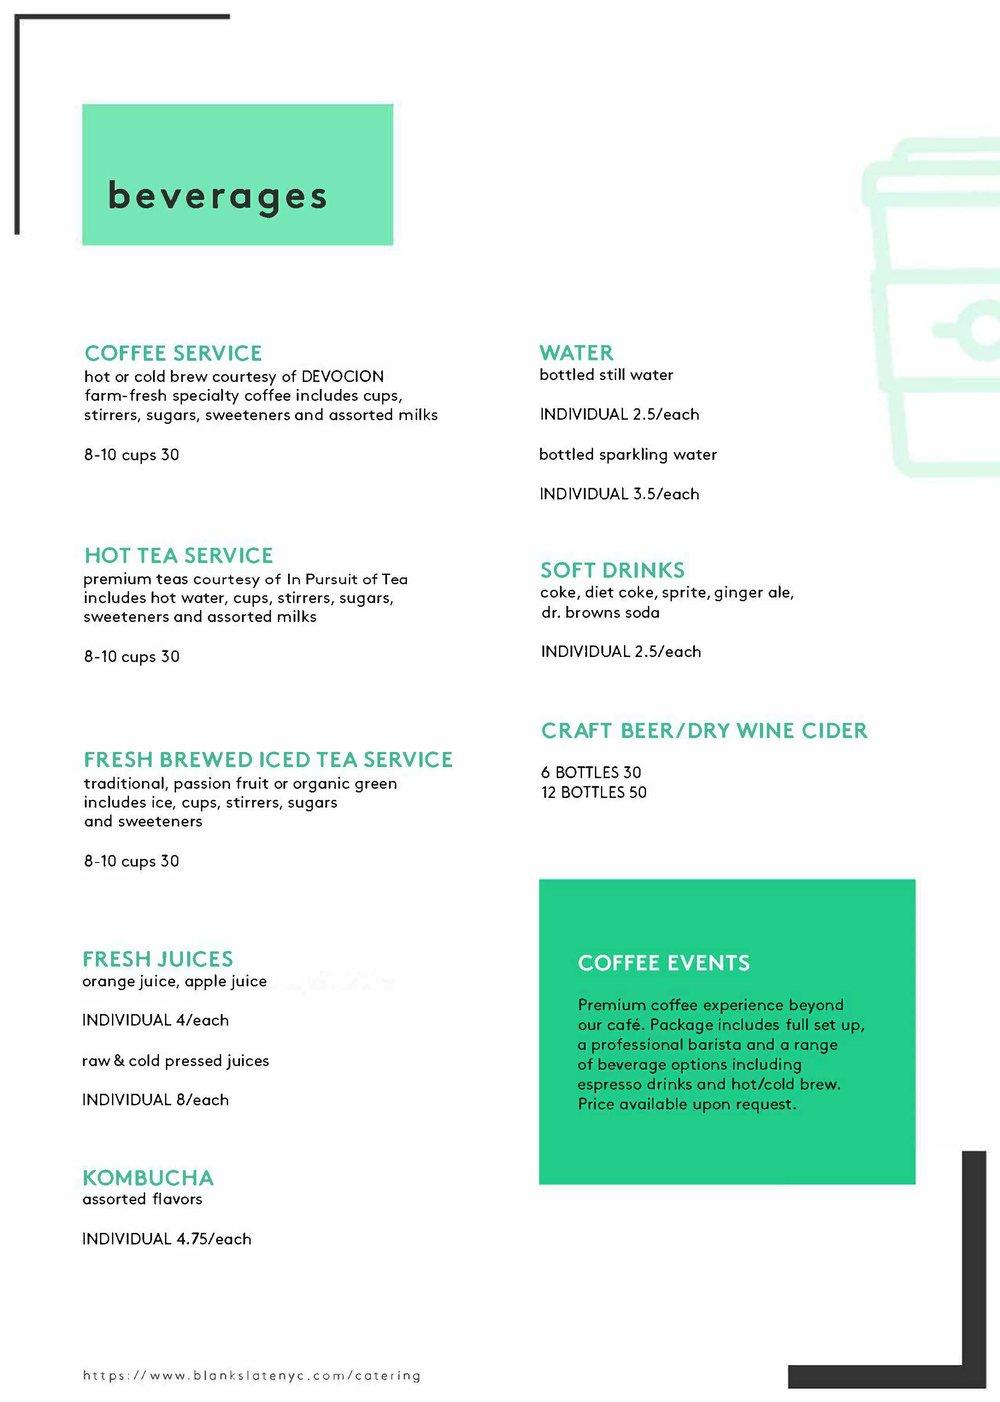 Blank Slate Catering Menu_Page_8.jpg